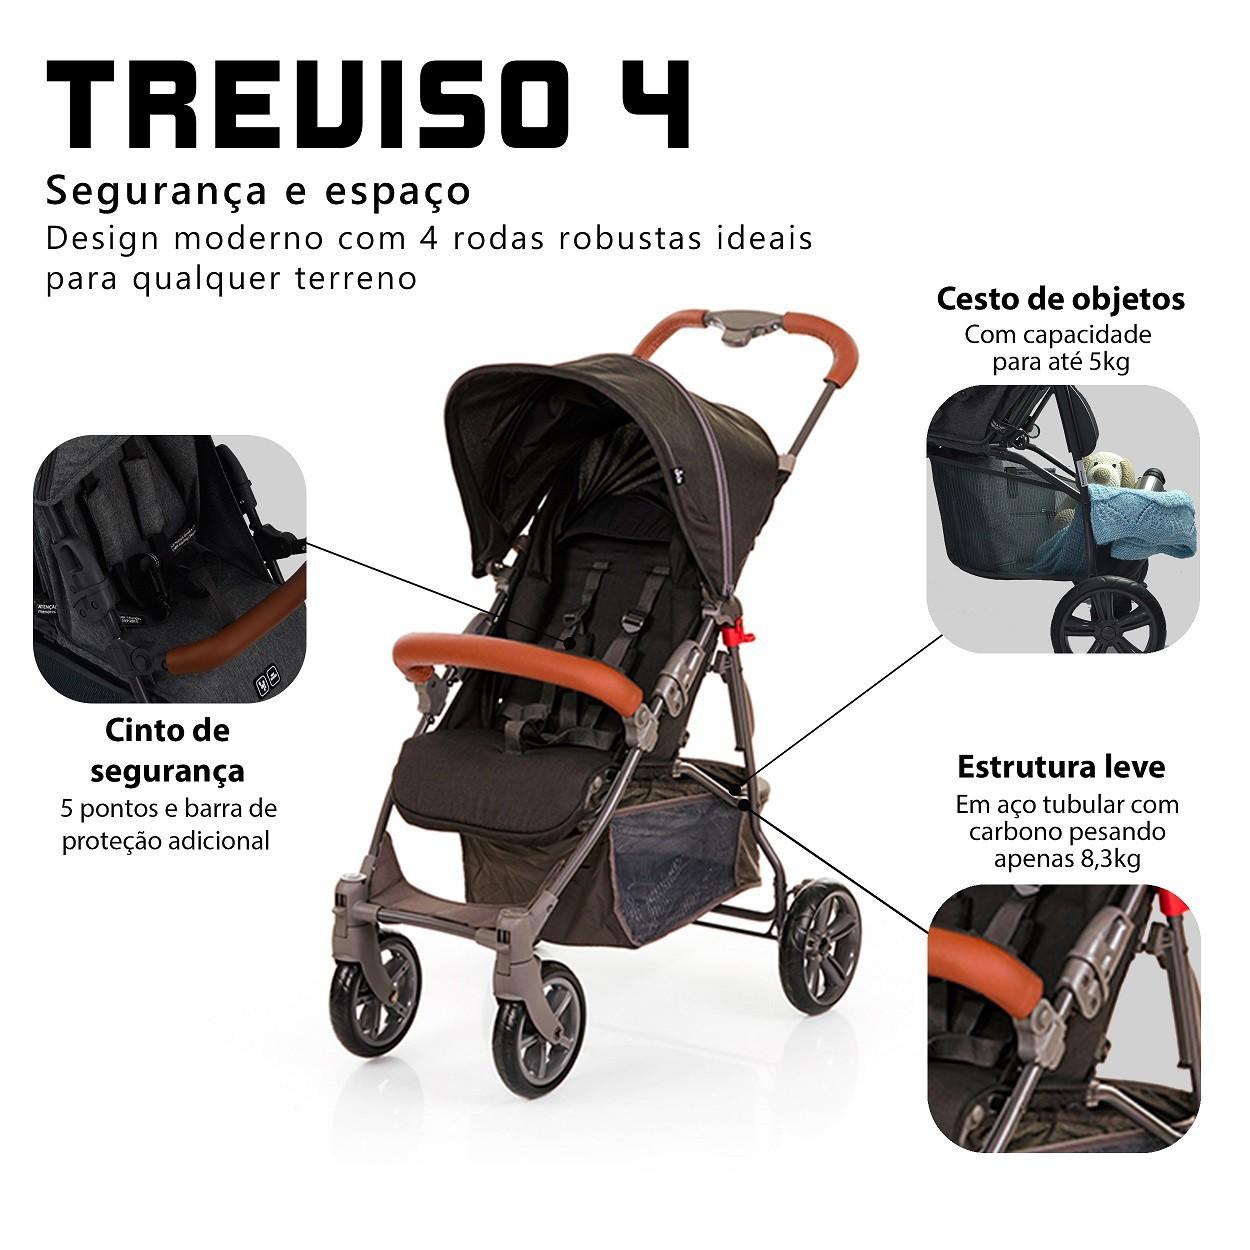 CARRINHO DE BEBÊ TREVISO 4 WOVEN BLACK COM COURO - ABC DESIGN